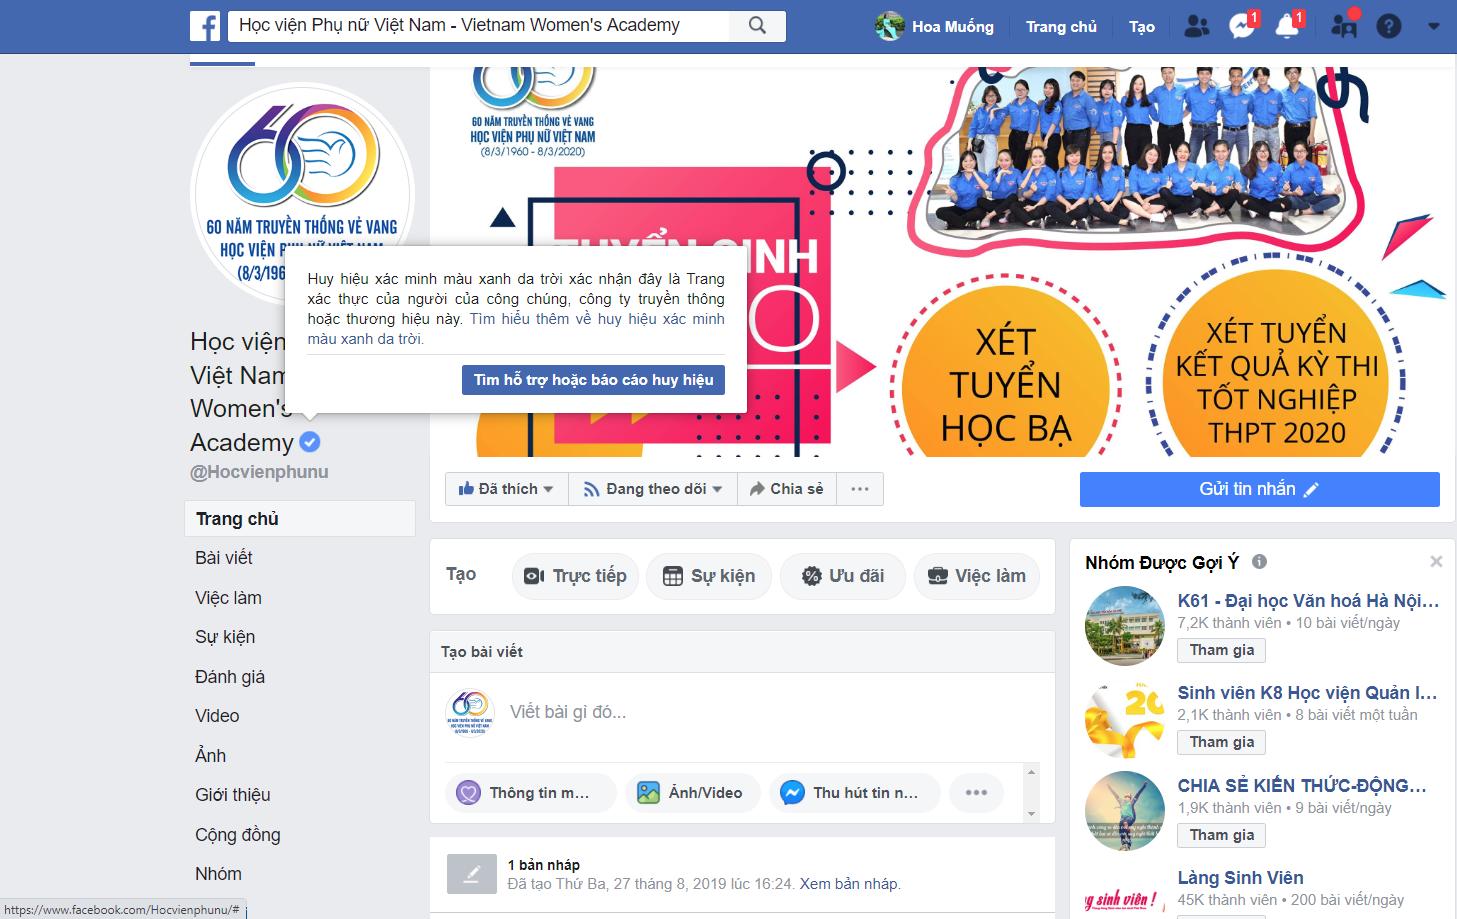 Facebook cấp tick xanh Fanpage Học viện Phụ nữ Việt Nam